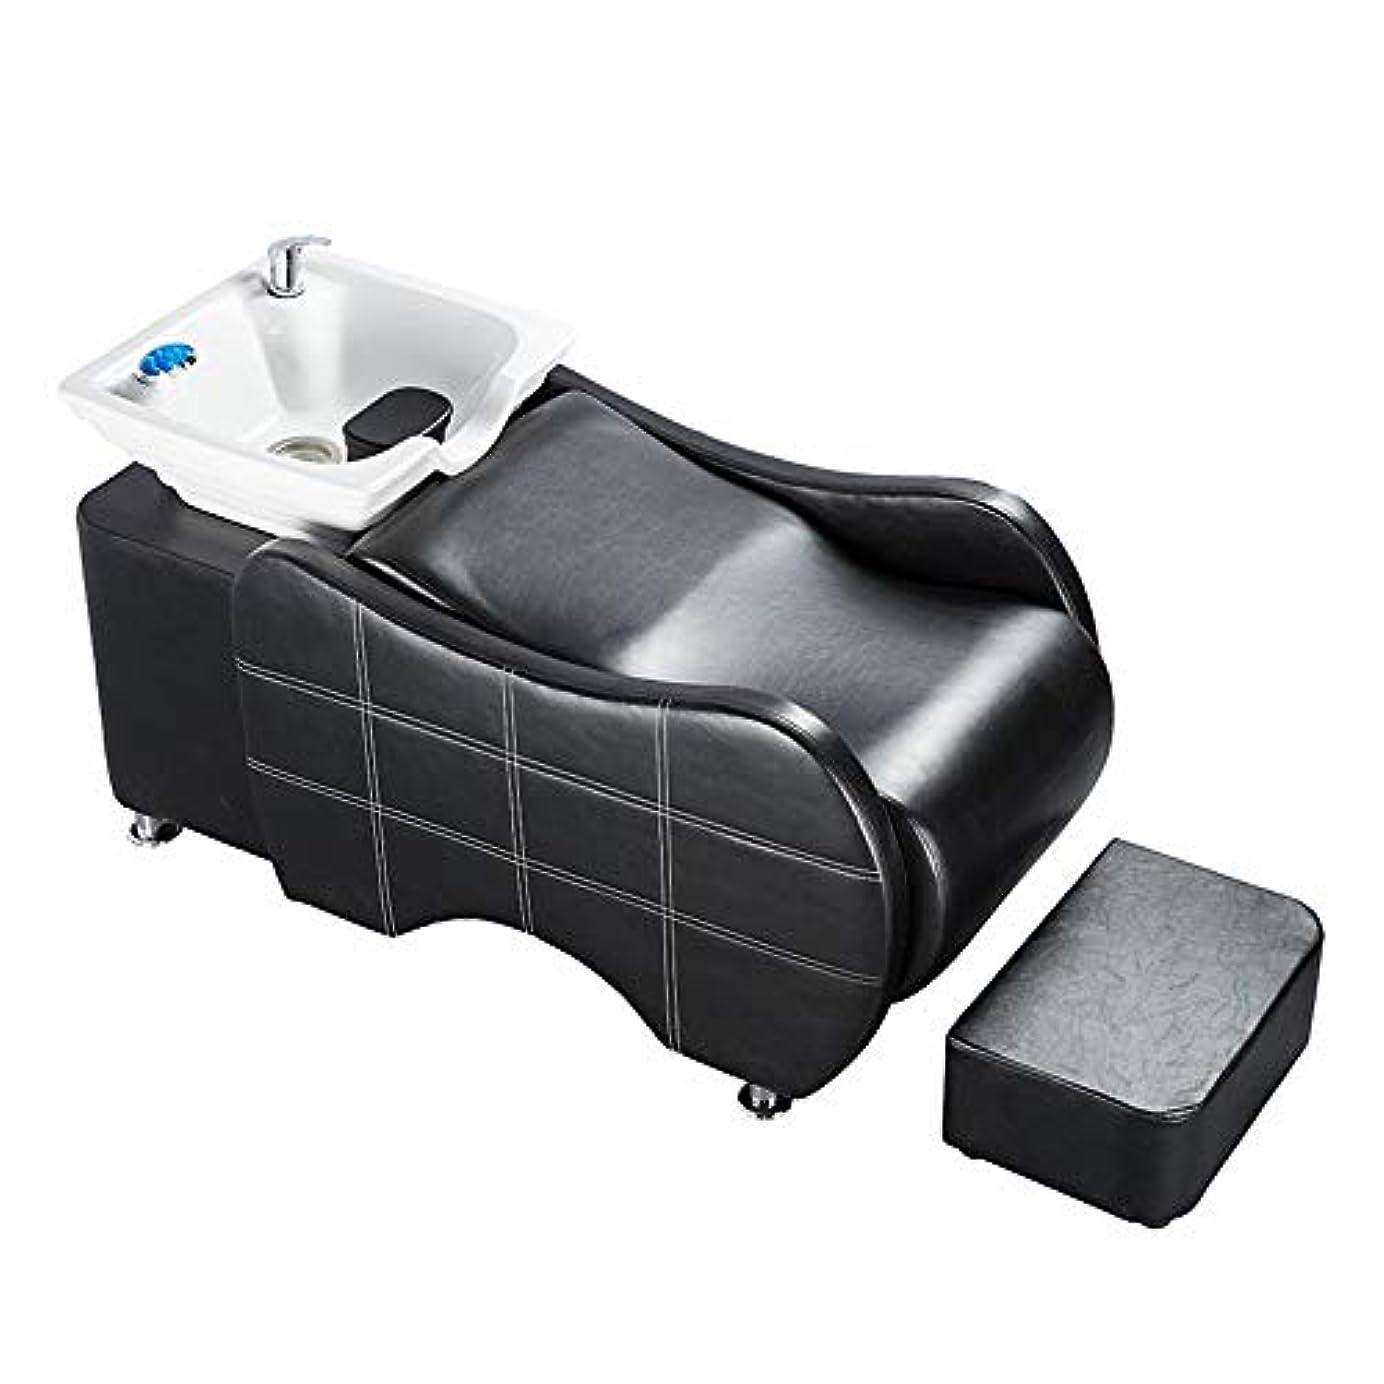 ケイ素バンガロー慣習シャンプーの理髪師の逆洗の椅子、鉱泉の美容院のための陶磁器の洗面器の逆洗の単位のシャンプーボールの流しの椅子(黒)